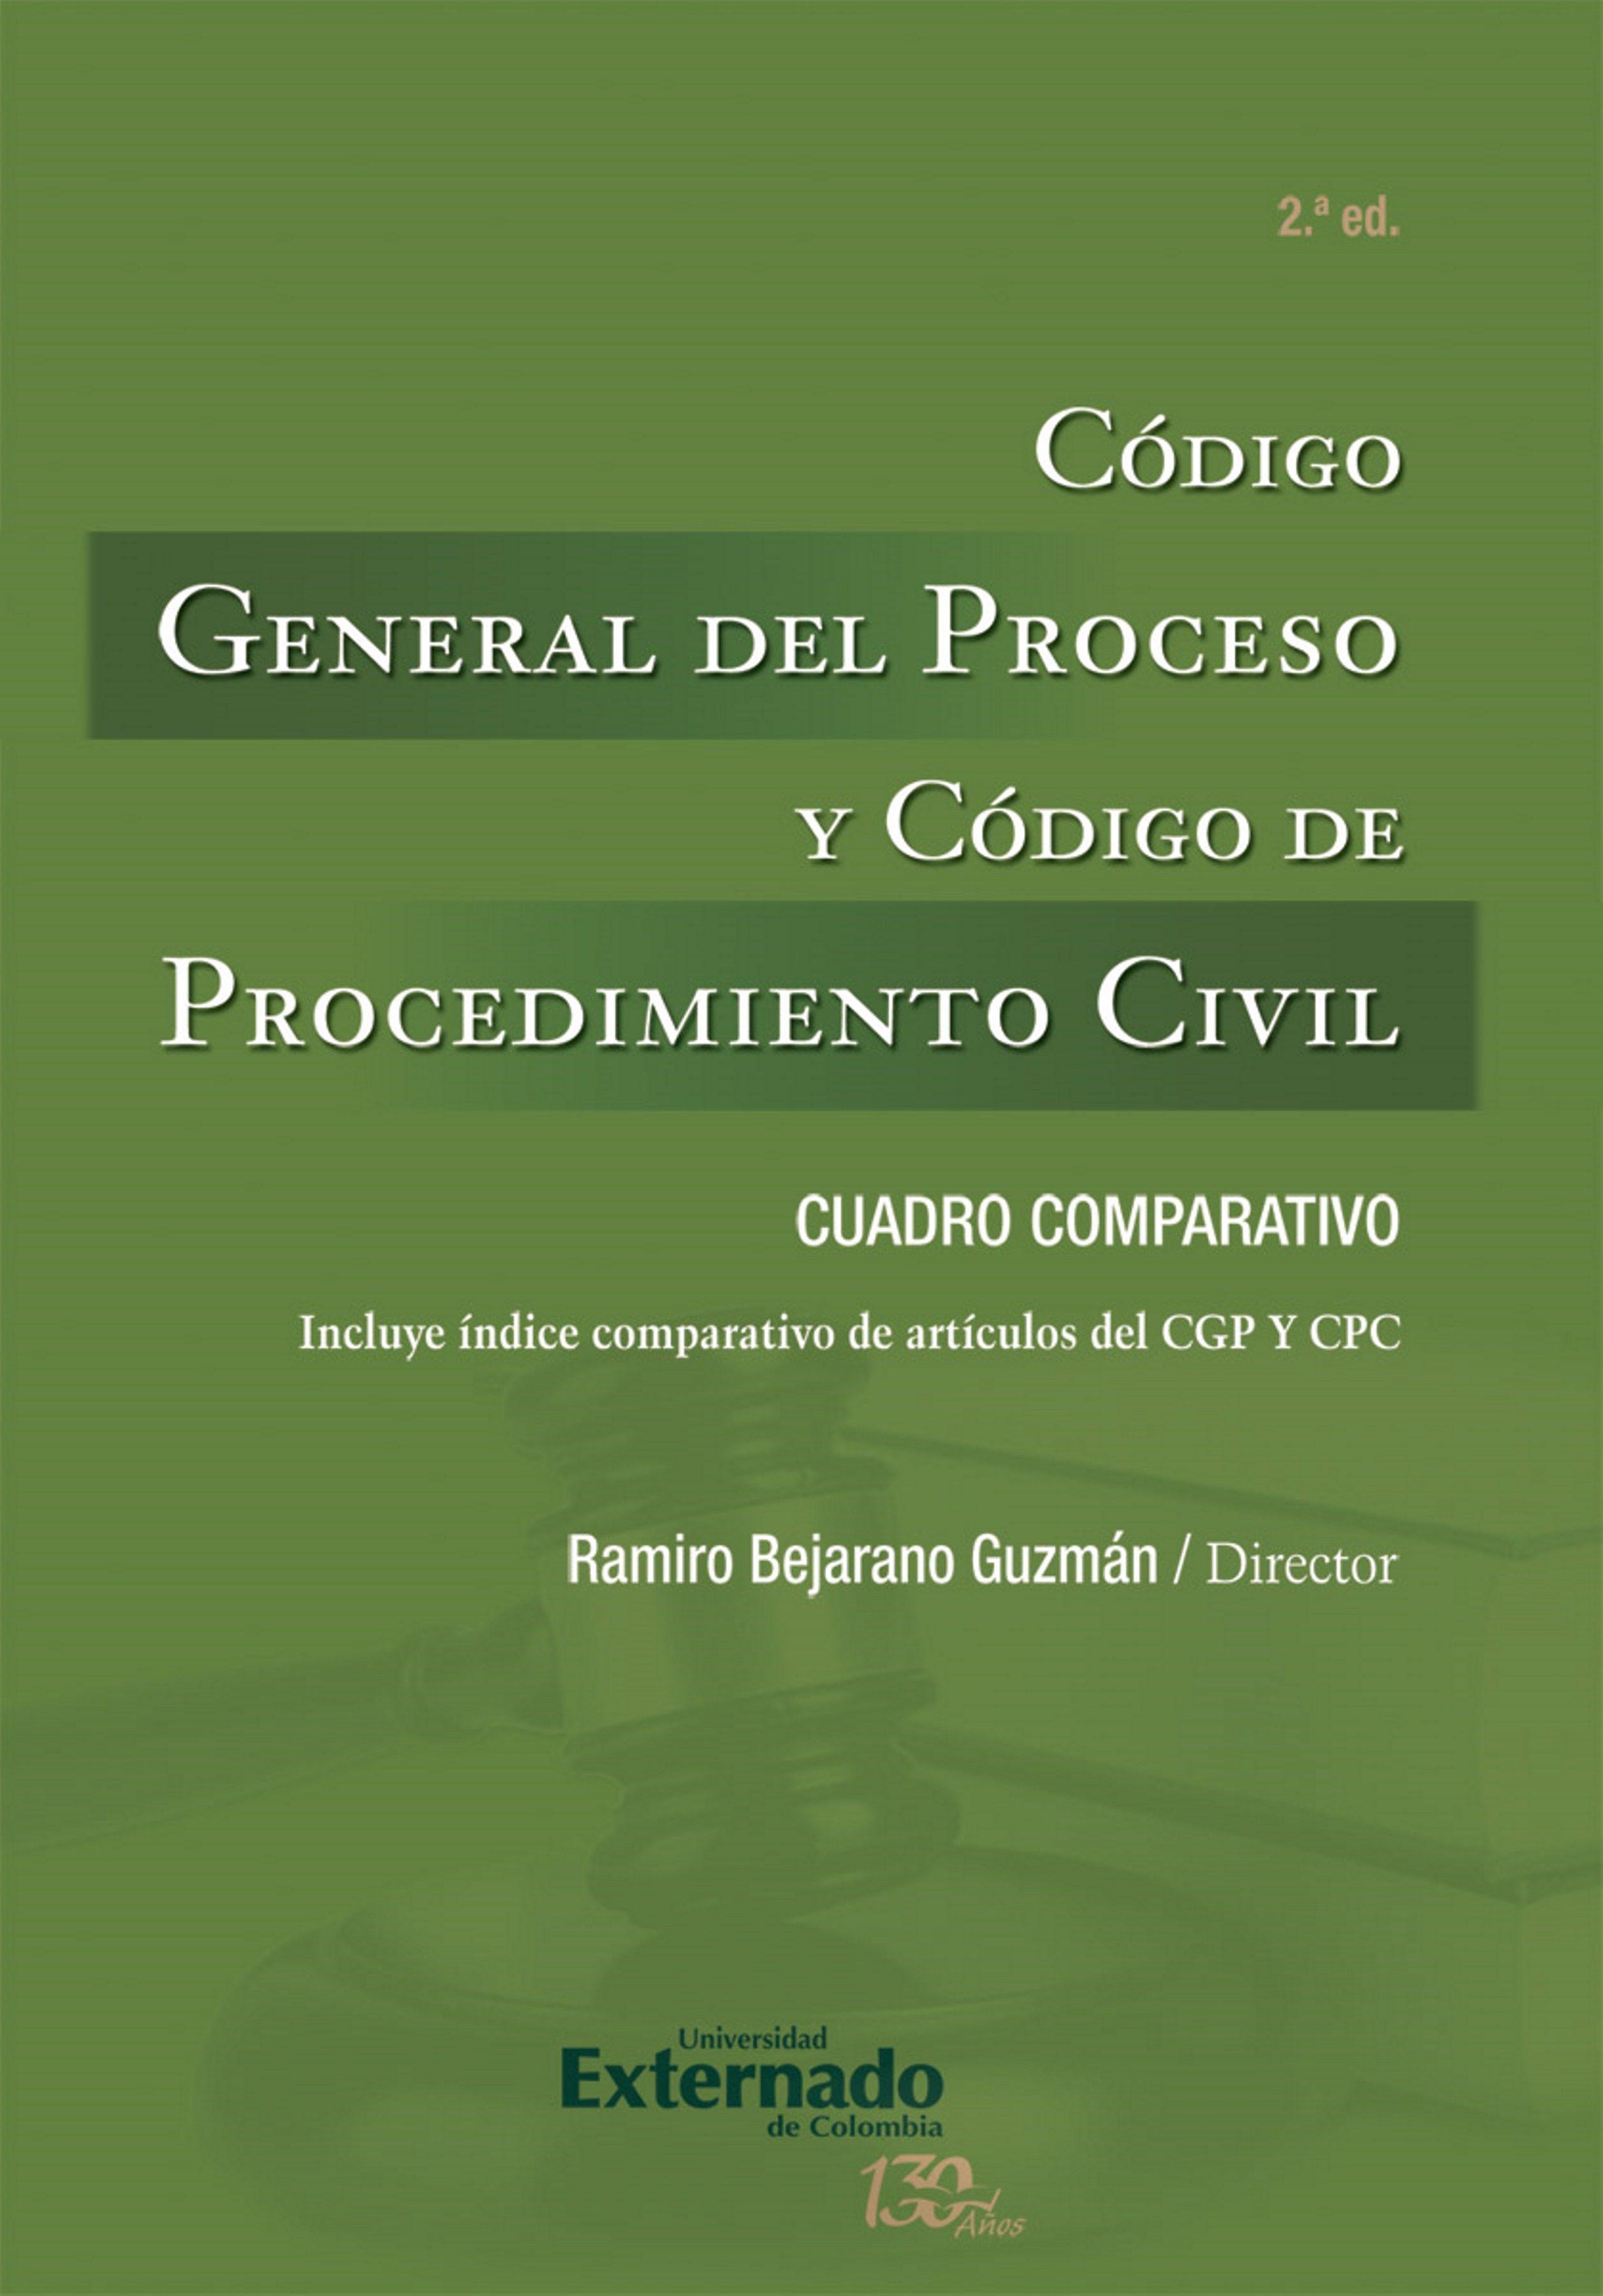 codigo general del proceso pdf descargar